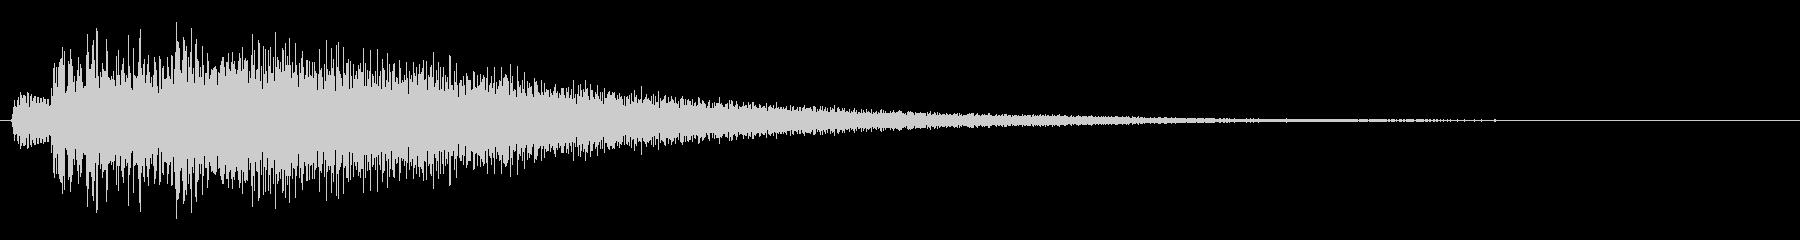 【生演奏】不気味なピアノジングルの未再生の波形